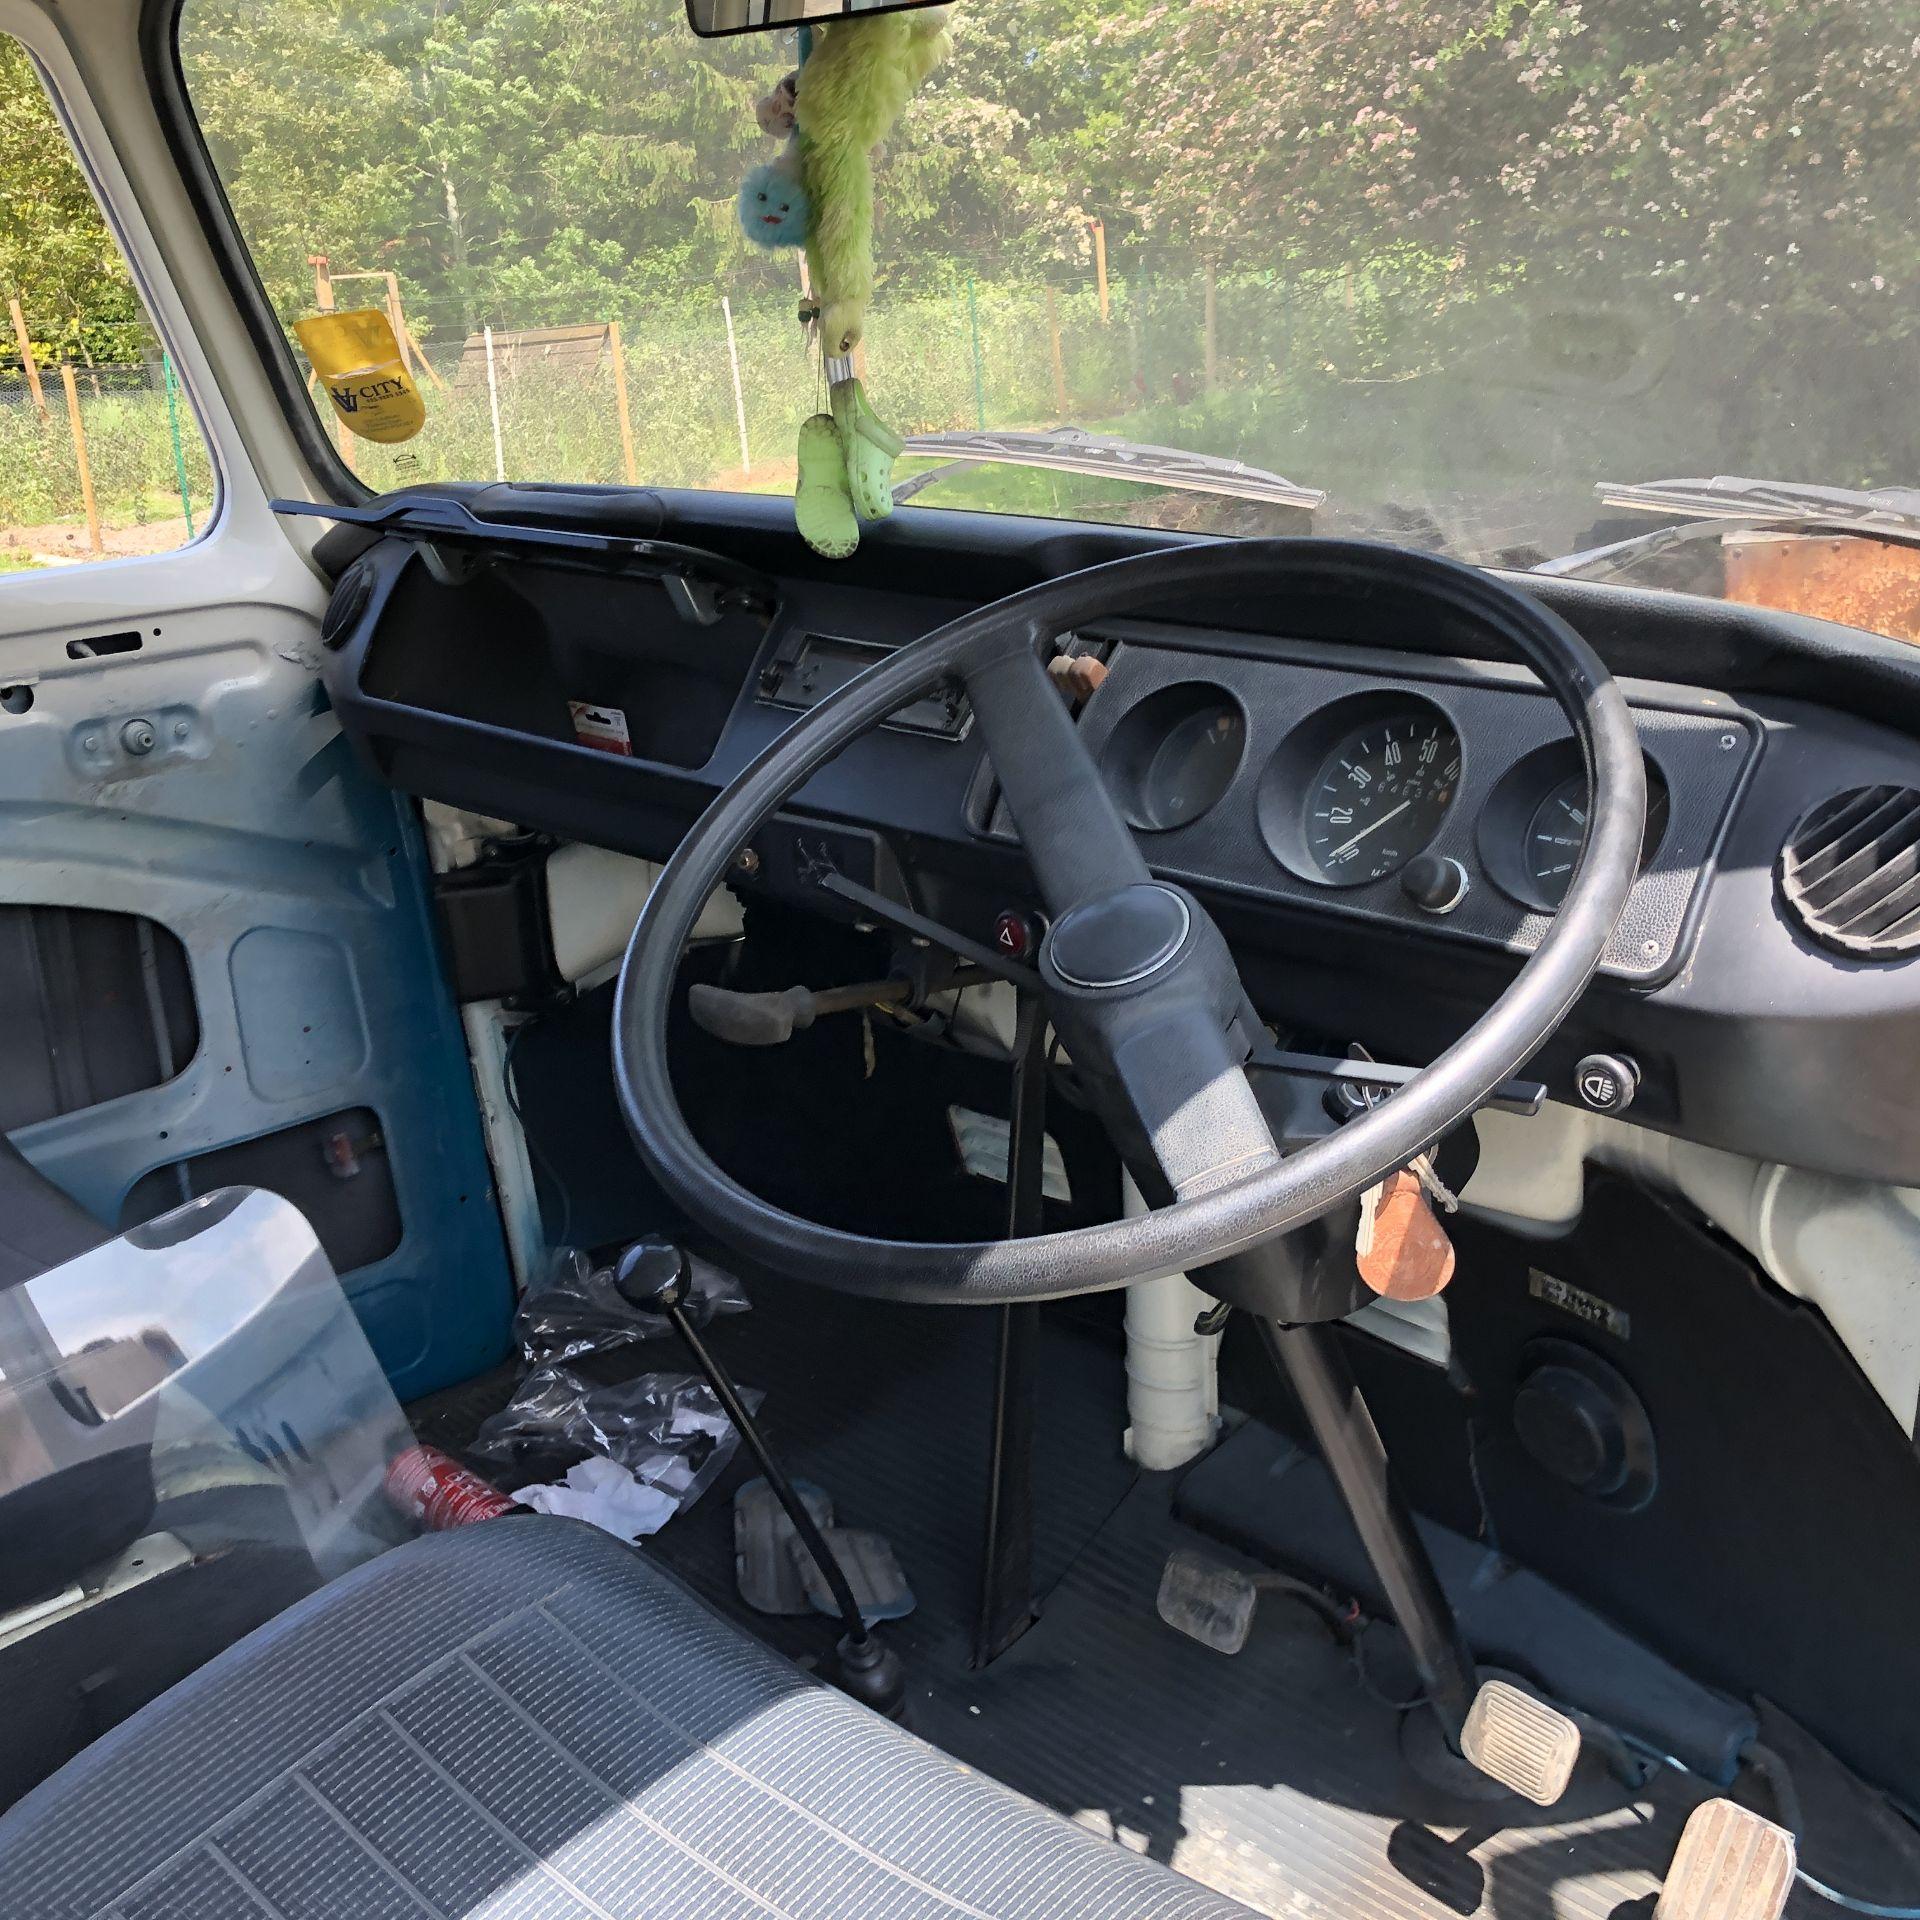 VW Microbus 8 Seater Caravanette Devon - 'Mr Blue' Petrol, Registration UMH 420S, First Registered - Image 33 of 47